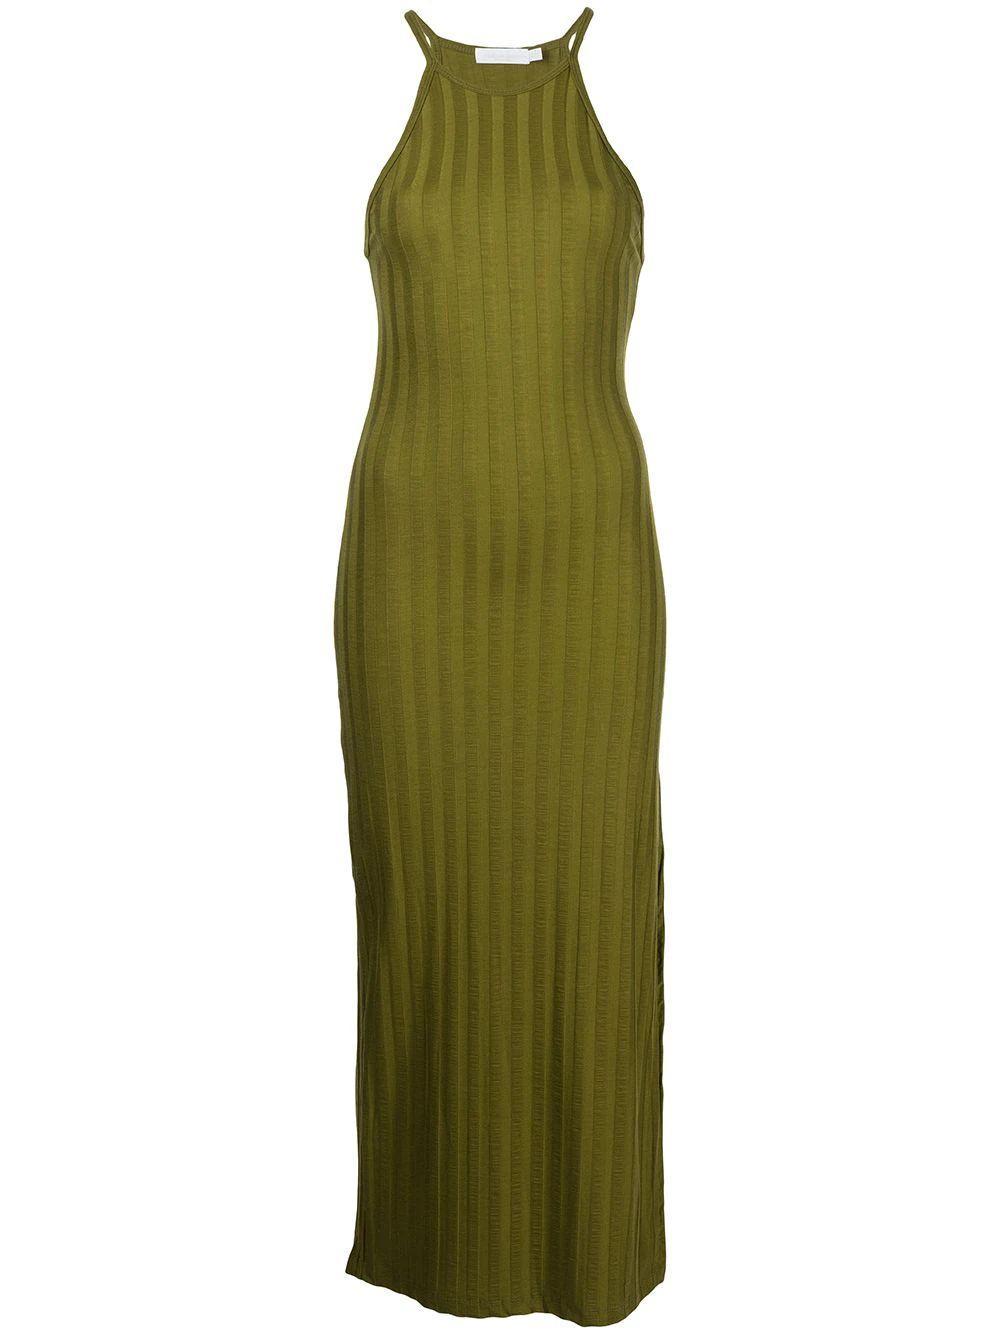 Megan Knit Midi Dress Item # 421-1006-ST